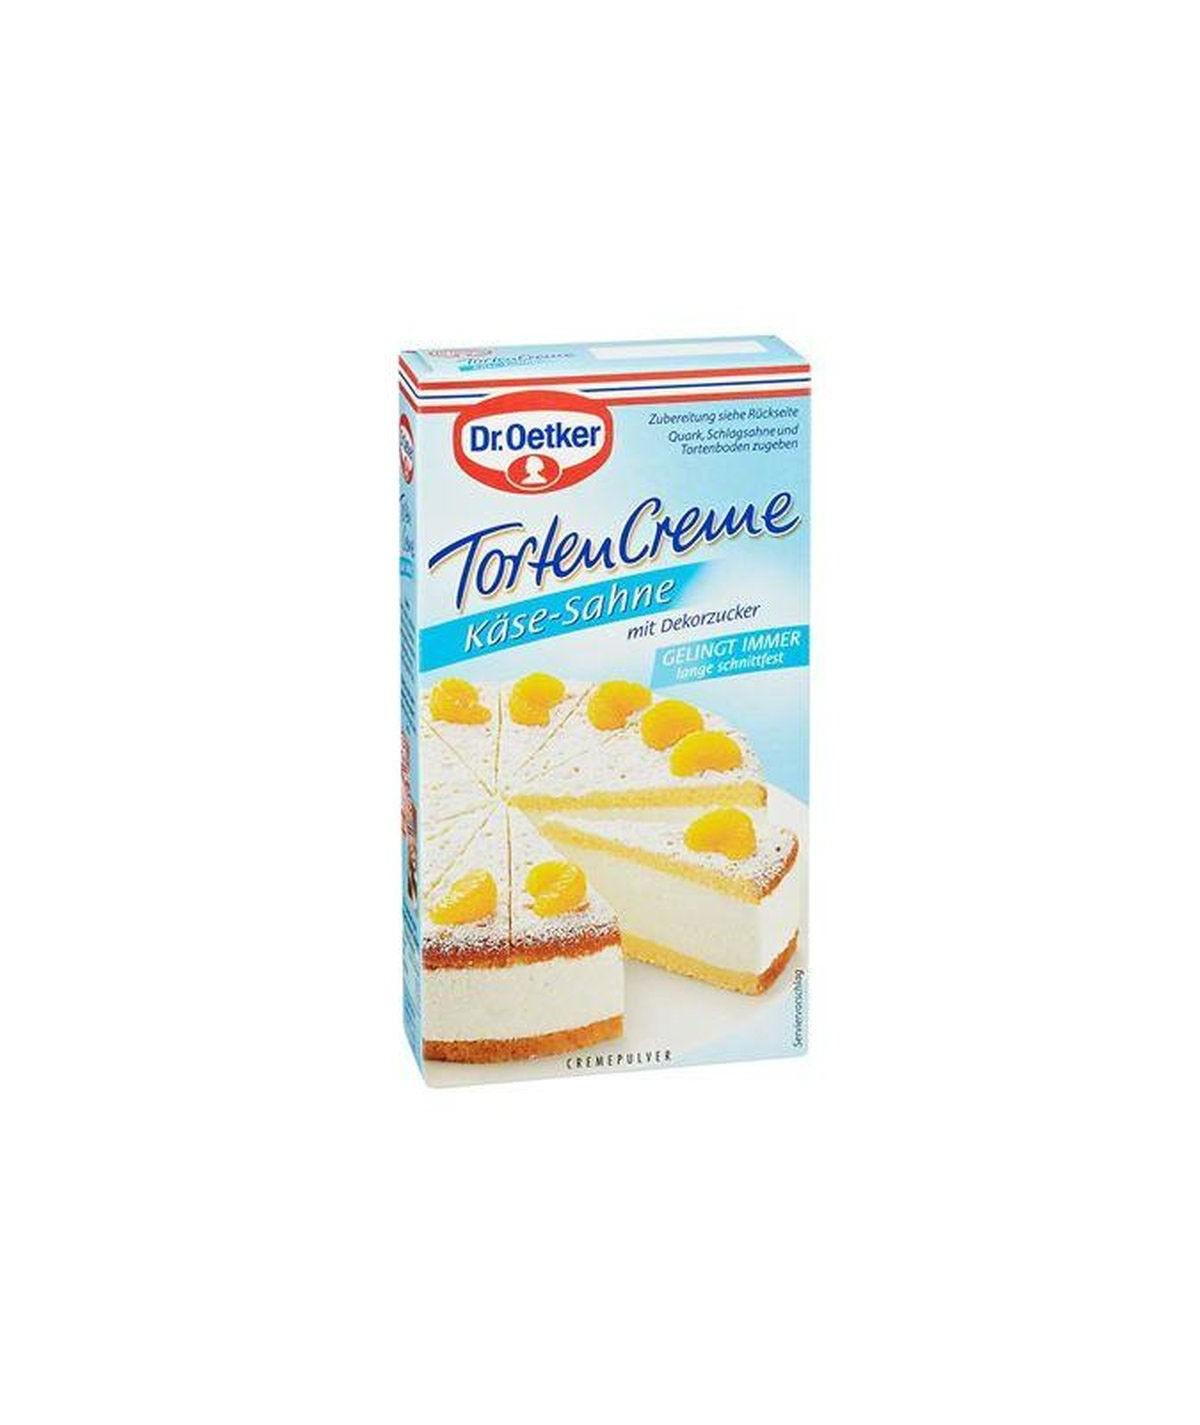 Tortencreme Käse-Sahne Dr. Oetker 150g